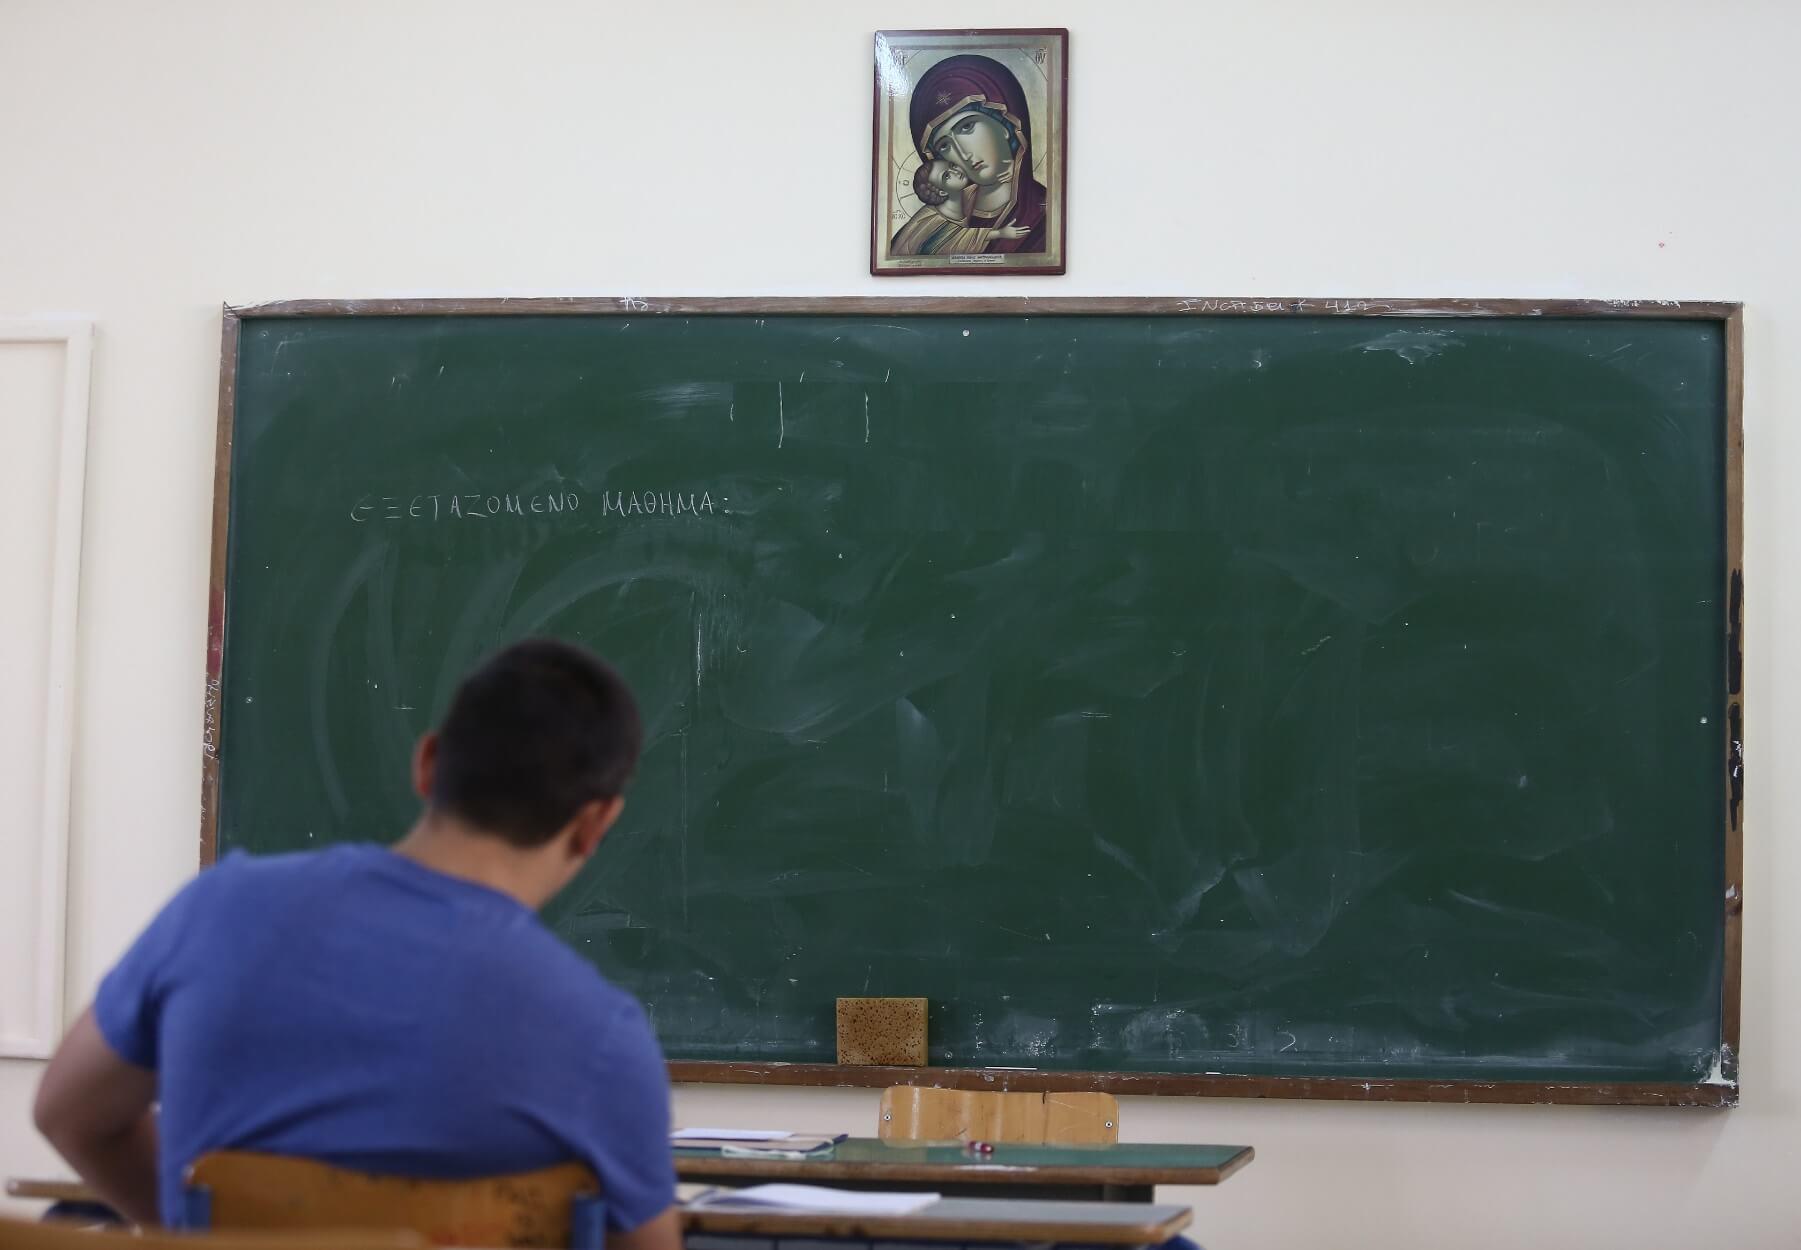 Πανελλήνιες: Ανοιχτό το ενδεχόμενο εισαγωγής στα πανεπιστήμια με το απολυτήριο Λυκείου